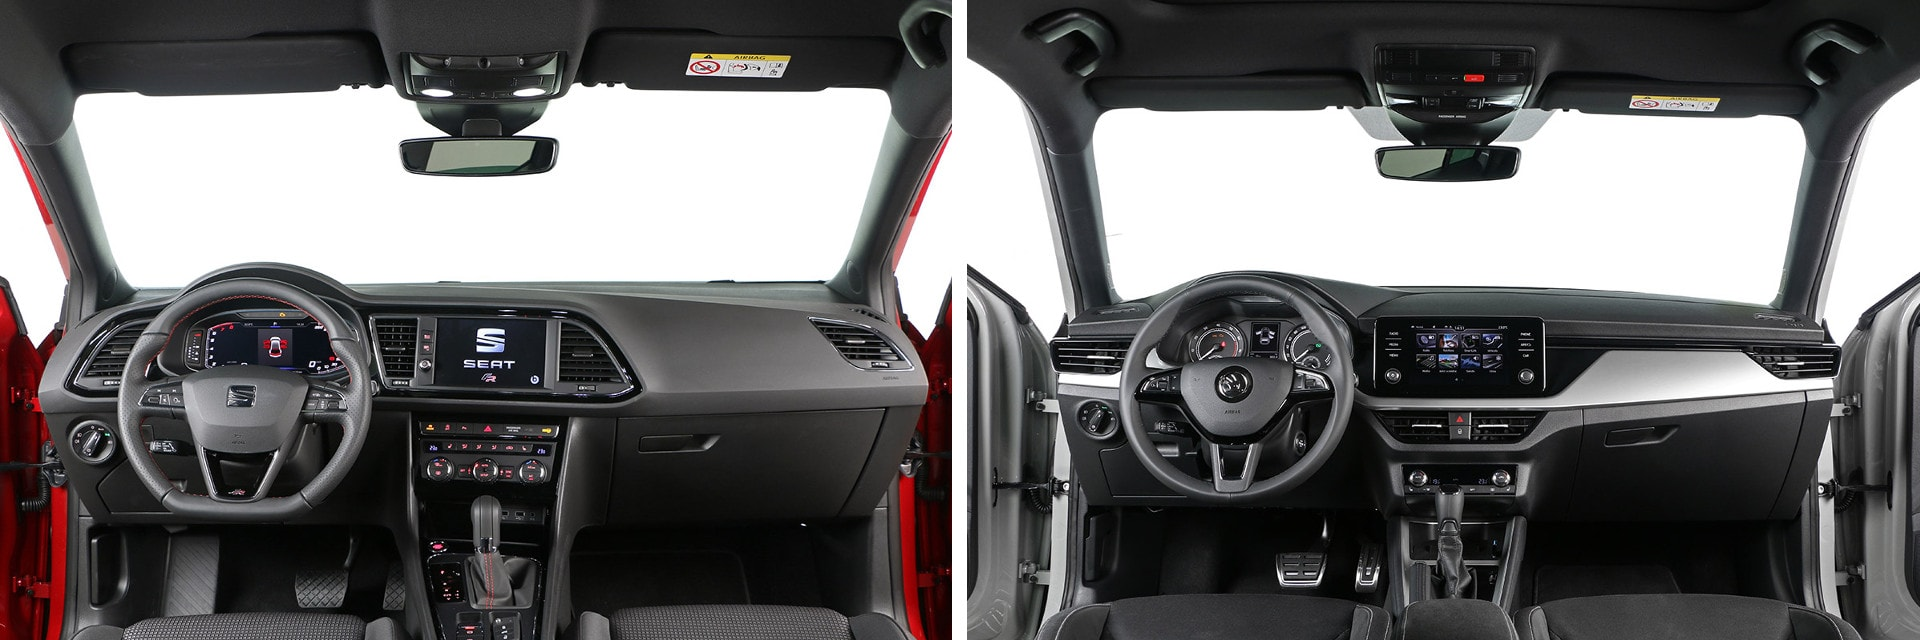 El interior del SEAT León (izq.) transmite mayor sensación de calidad que el del Škoda Scala (dcha.)